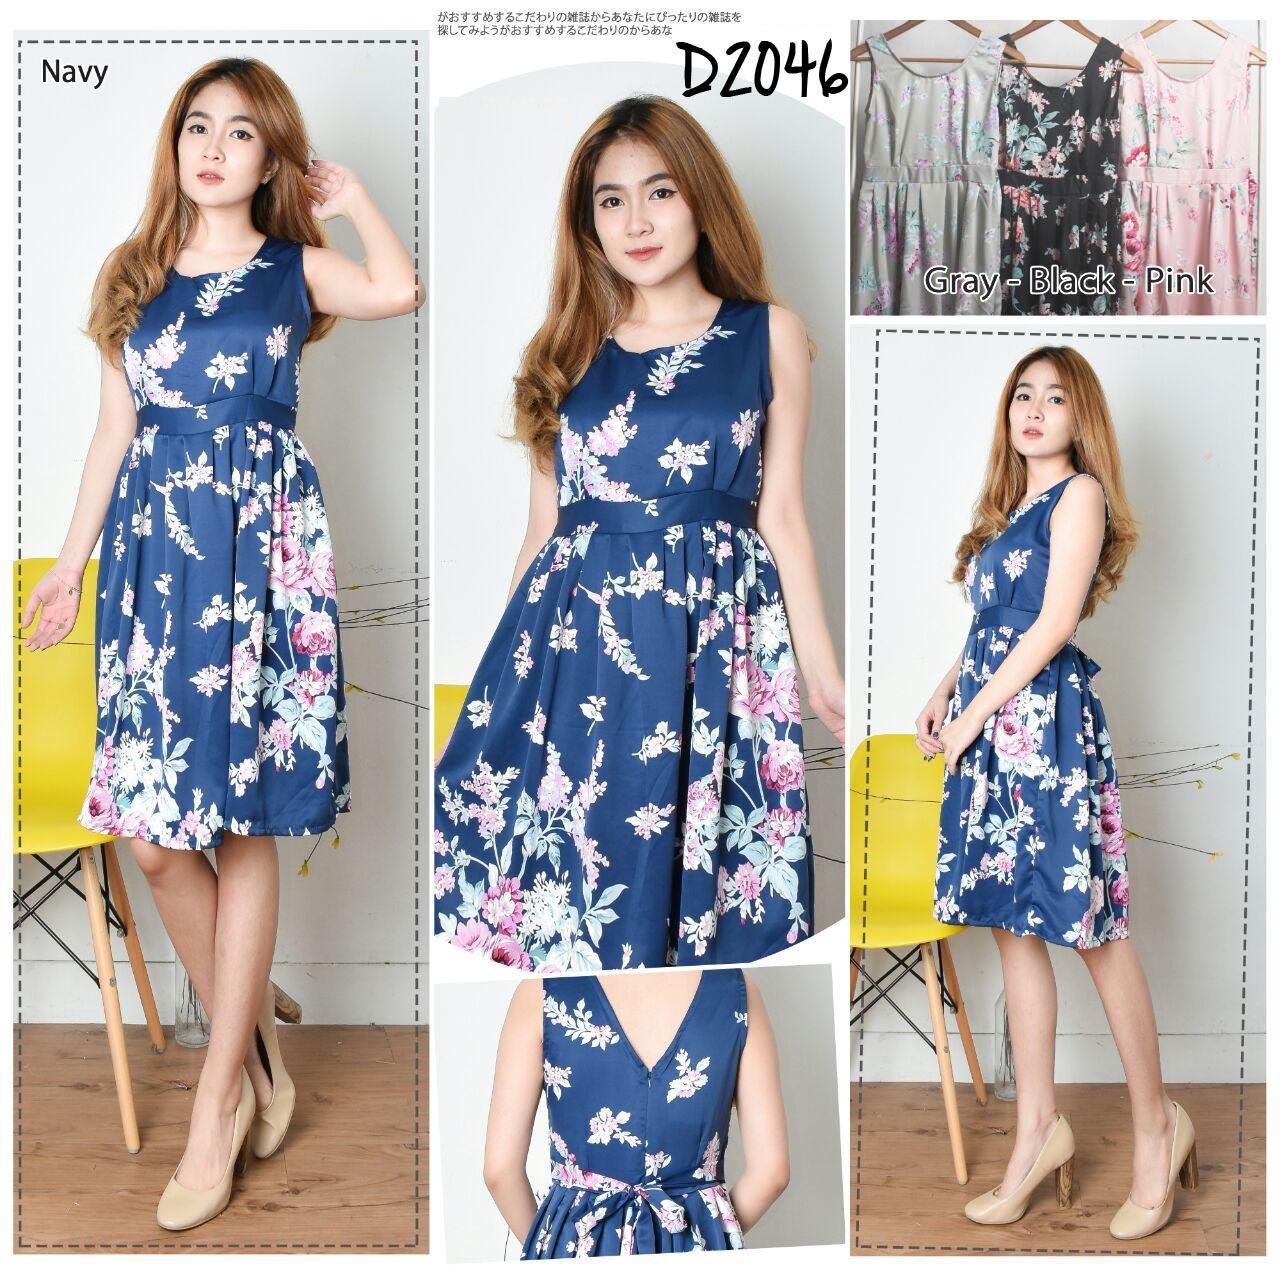 D2046 Dress Terusan Rok Lutut Lengan Pendek Motif Bunga Ikat Pinggang Tali Fashion Murah Wanita